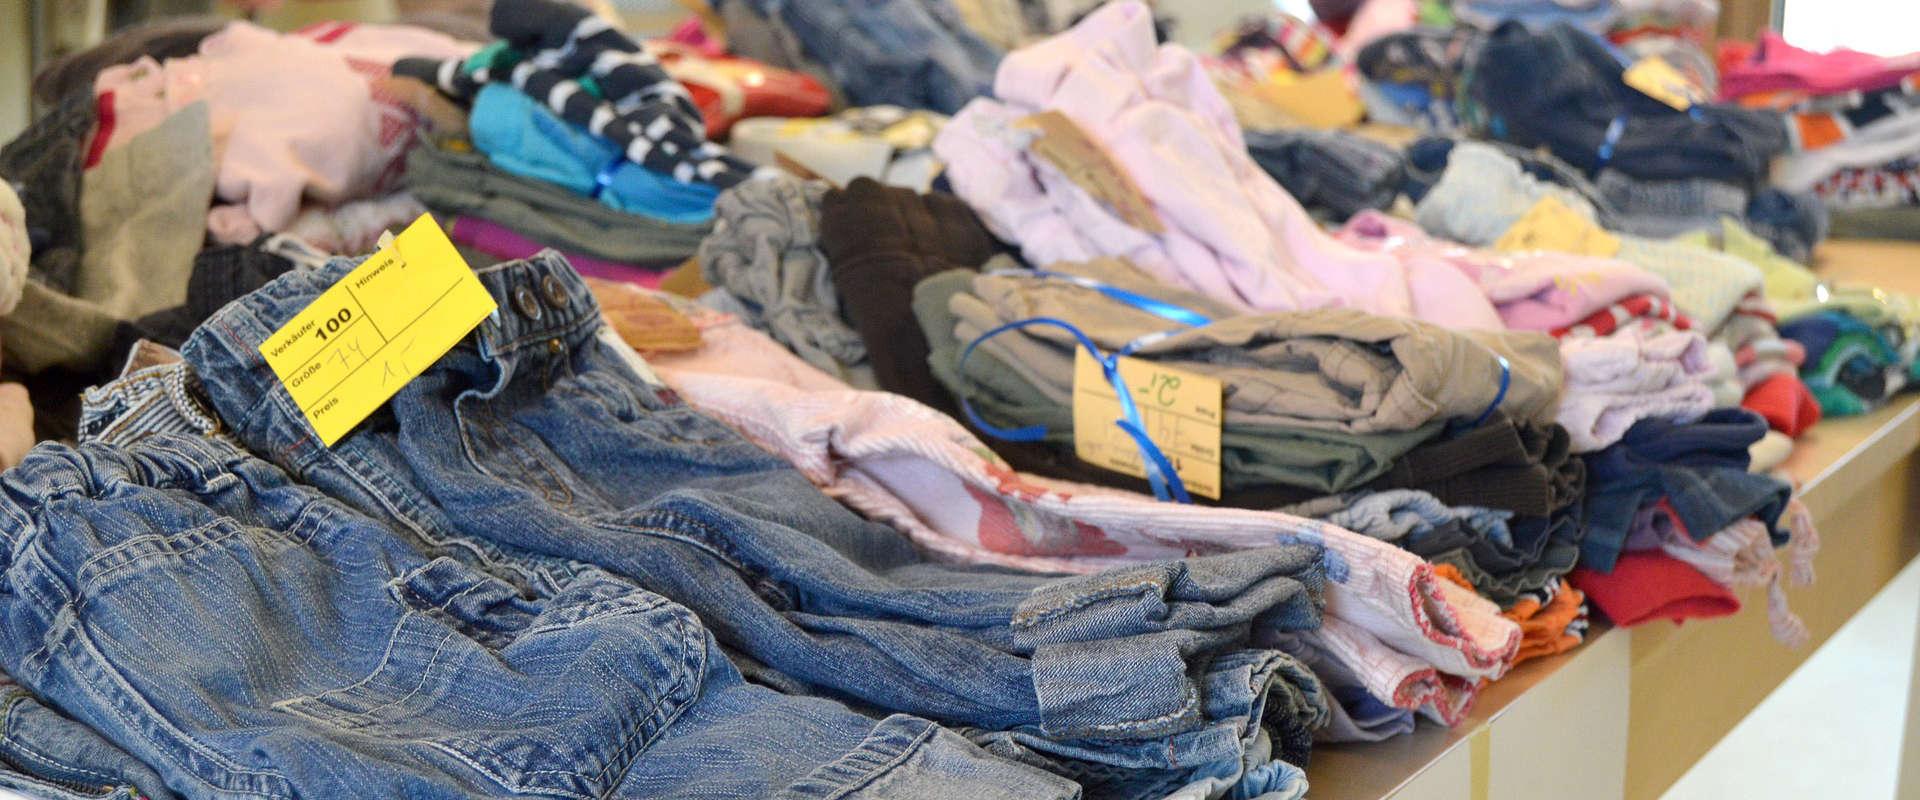 Friperie et vêtements usagés